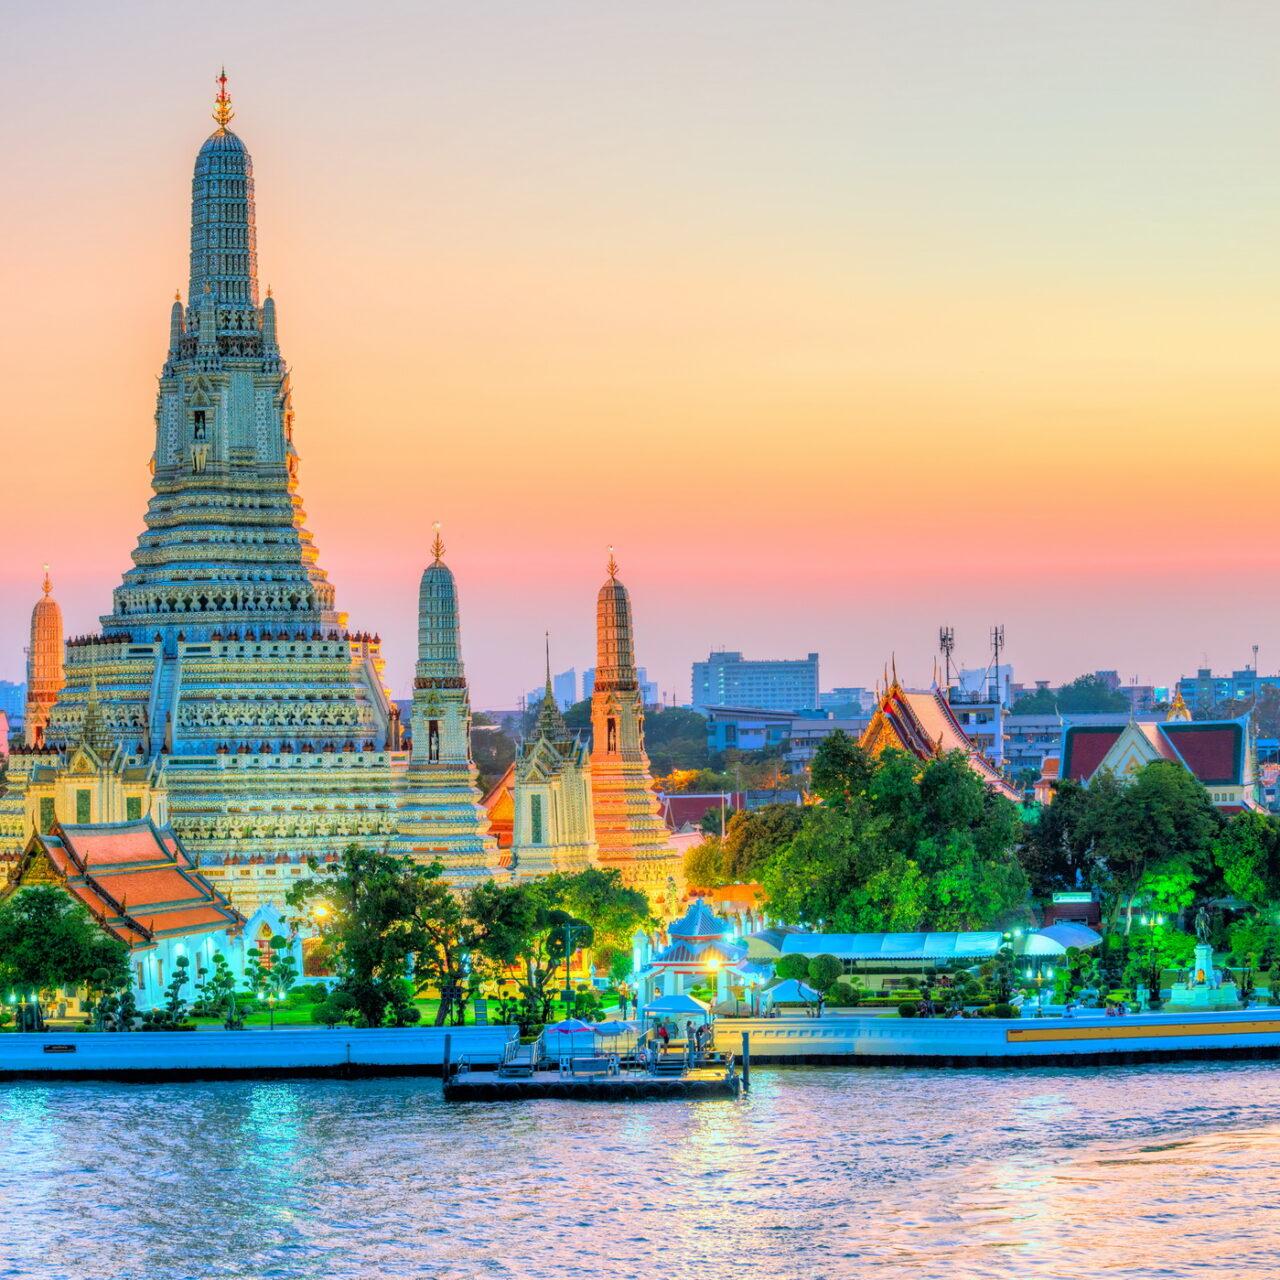 Wachstumschancen in Asien trotz Covid-19